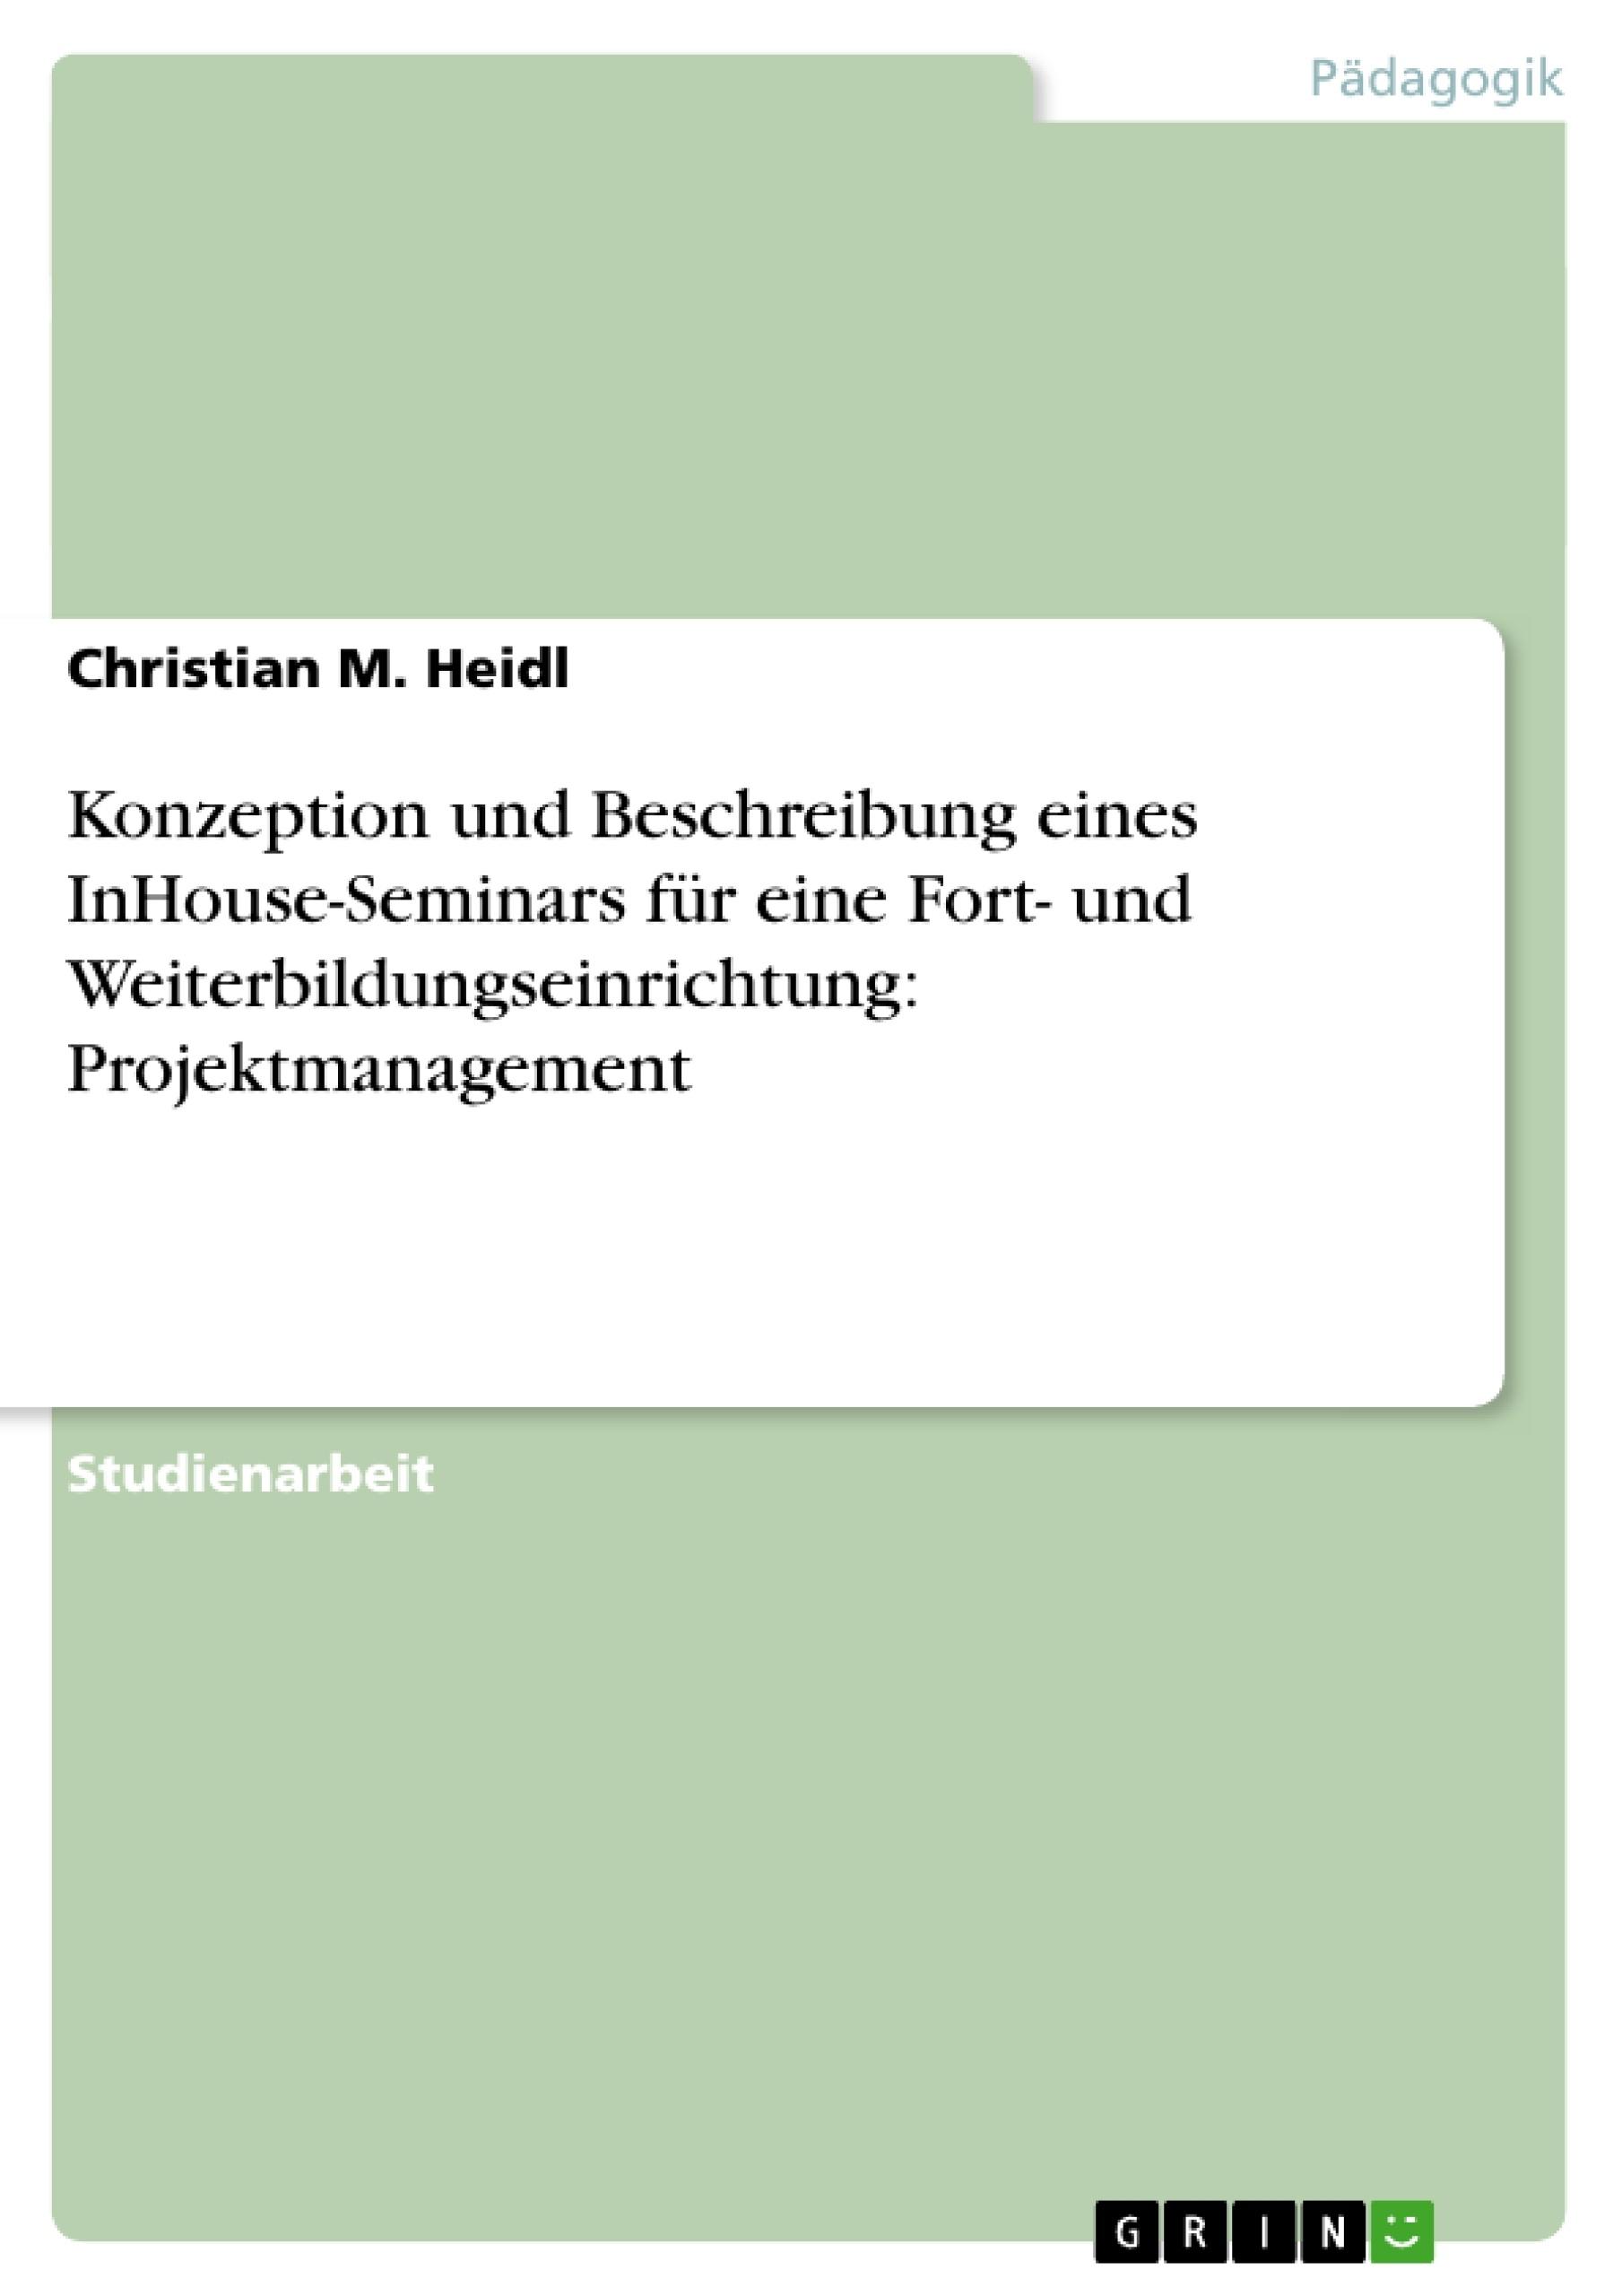 Titel: Konzeption und Beschreibung eines InHouse-Seminars für eine Fort- und Weiterbildungseinrichtung: Projektmanagement